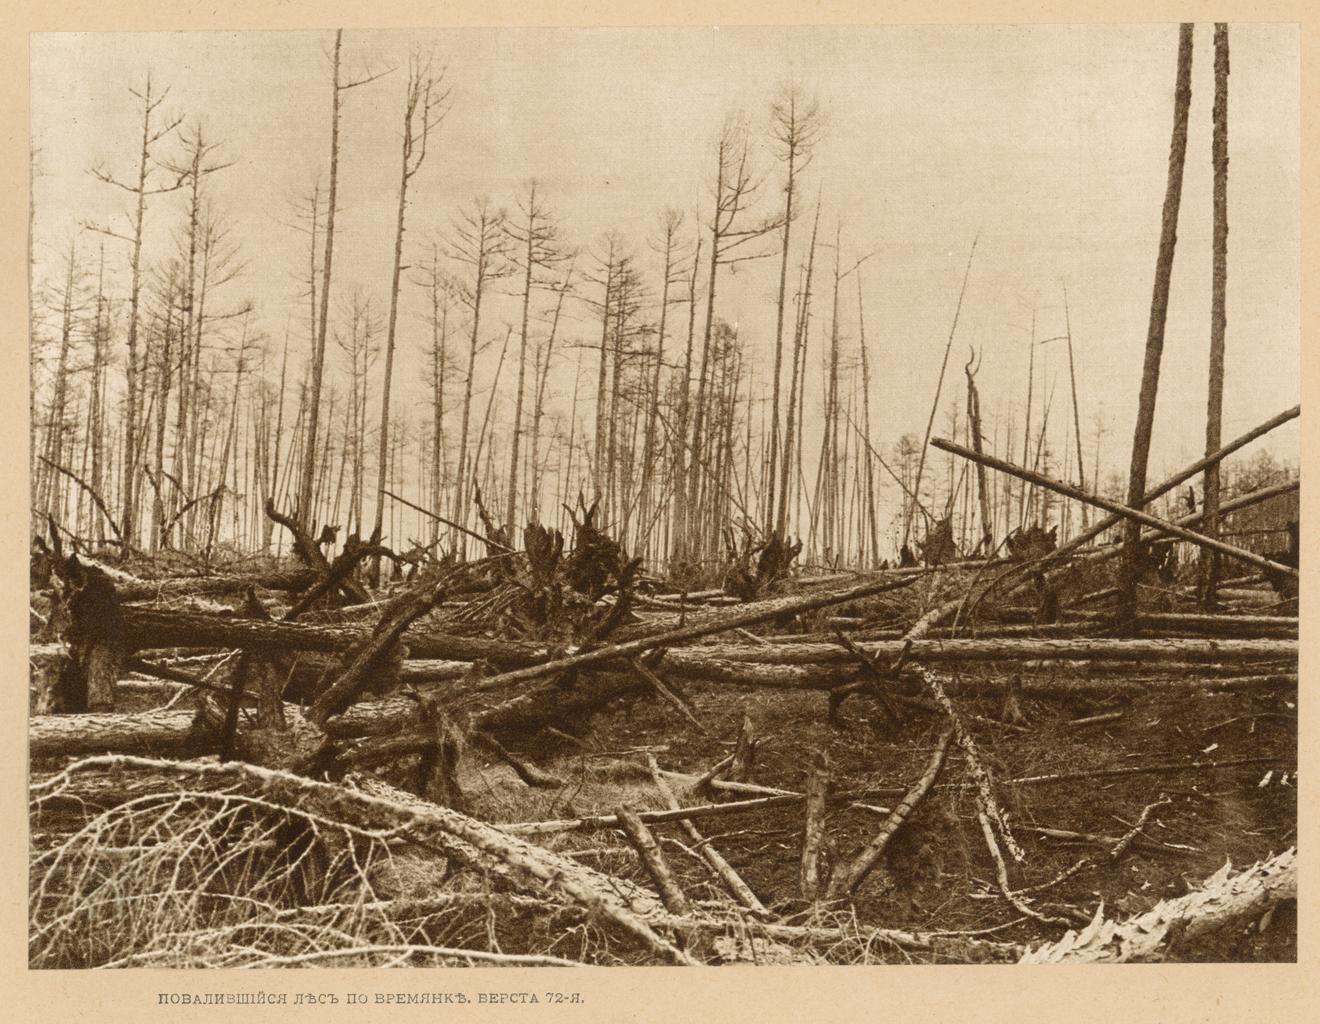 Верста 72. Повалившийся лес по времянке